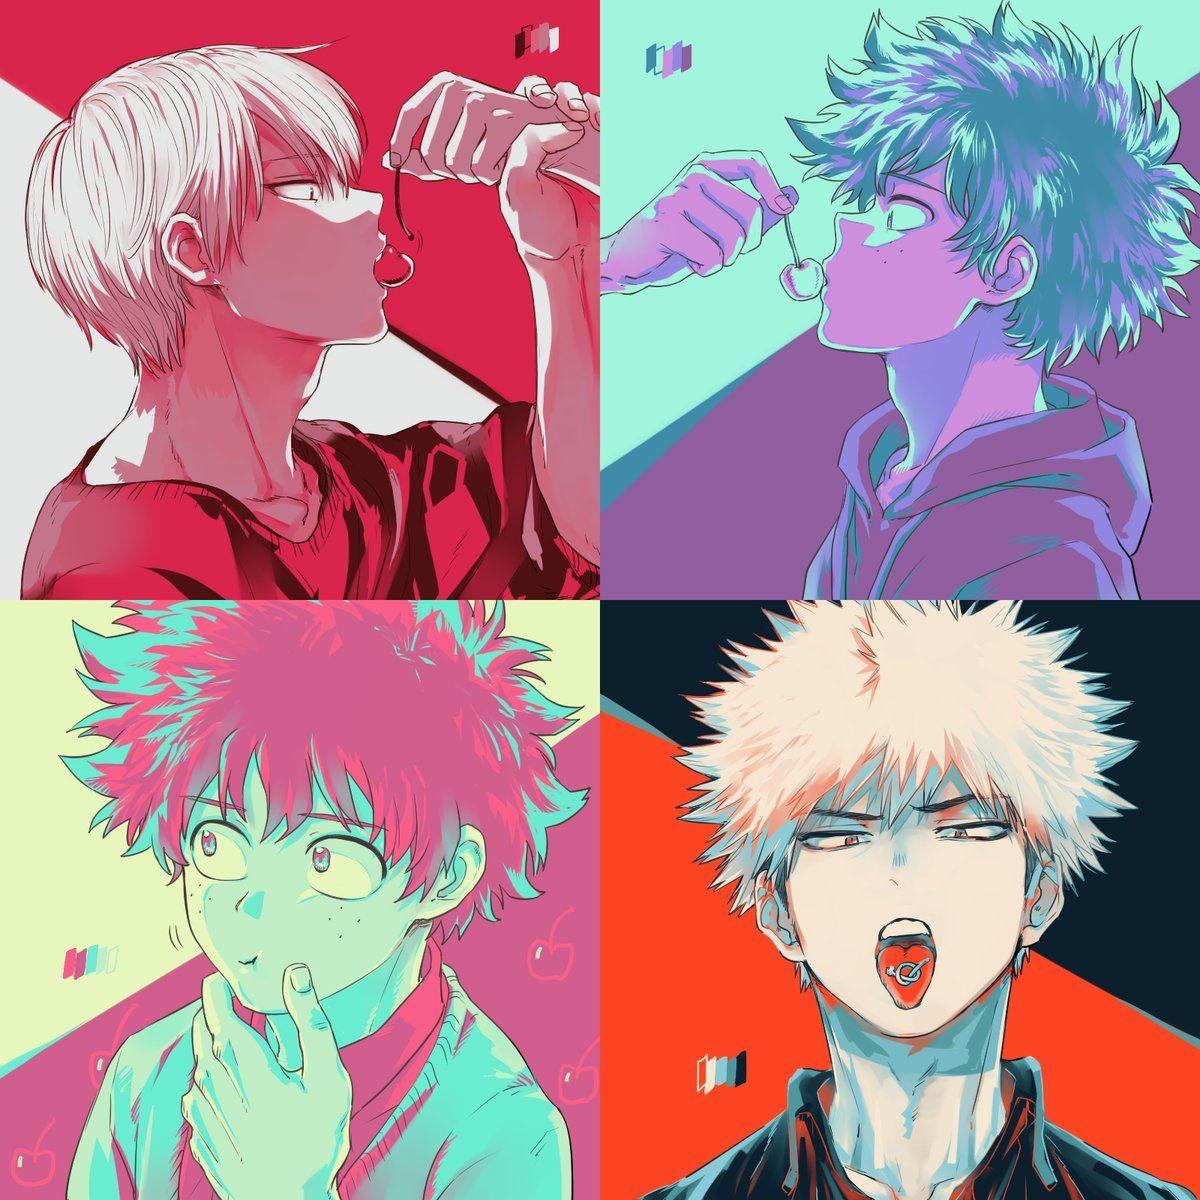 Boku No Hero Academia Todoroki Shouto Midoriya Izuku Katsuki Bakugou My Hero Academia Hero My Hero